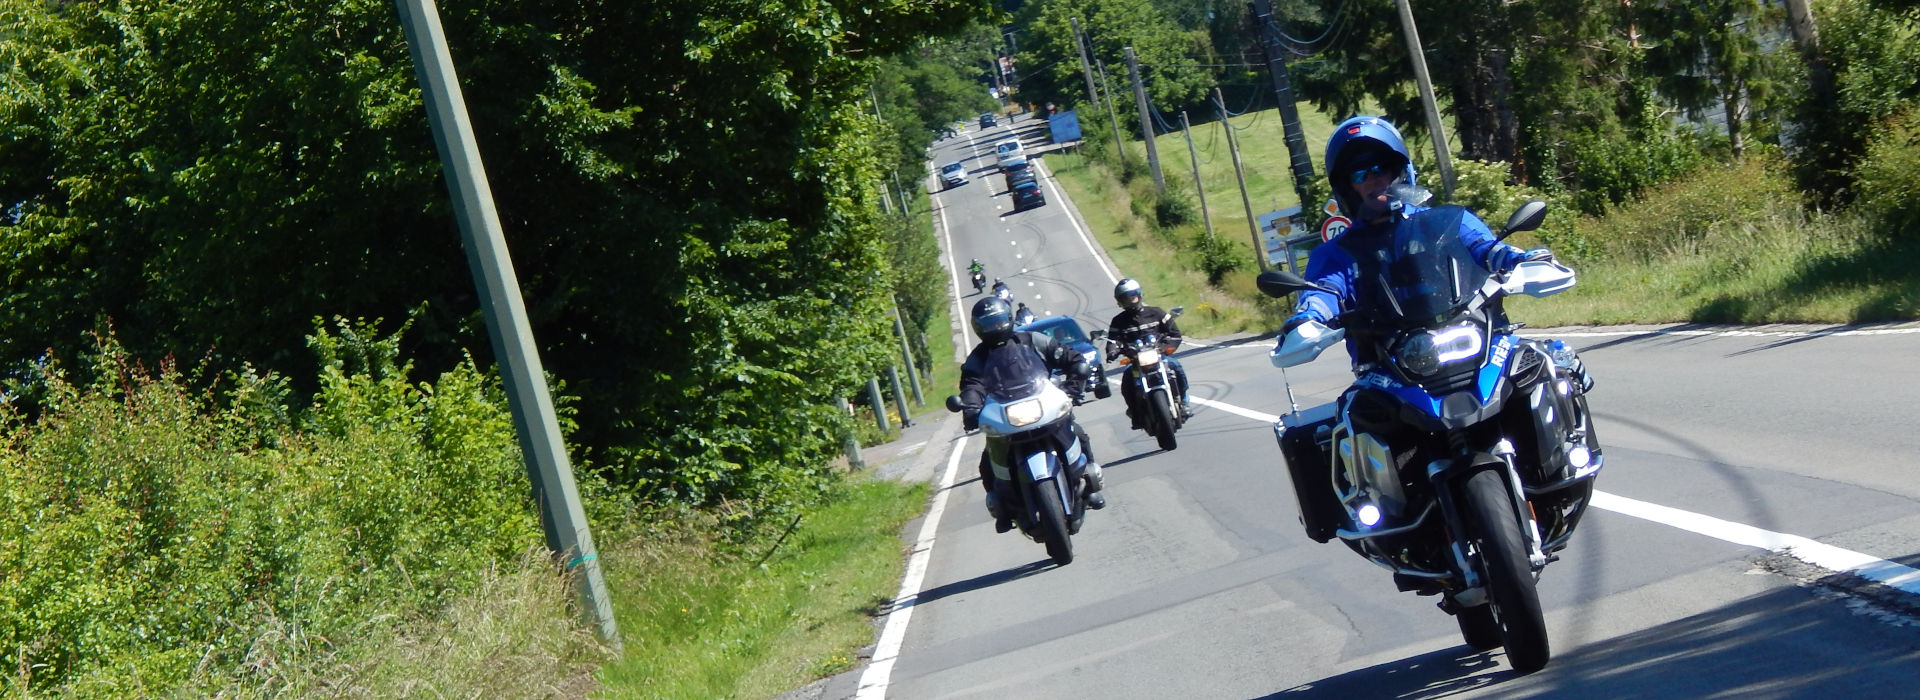 Motorrijbewijspoint Krimpen aan den IJssel motorrijlessen